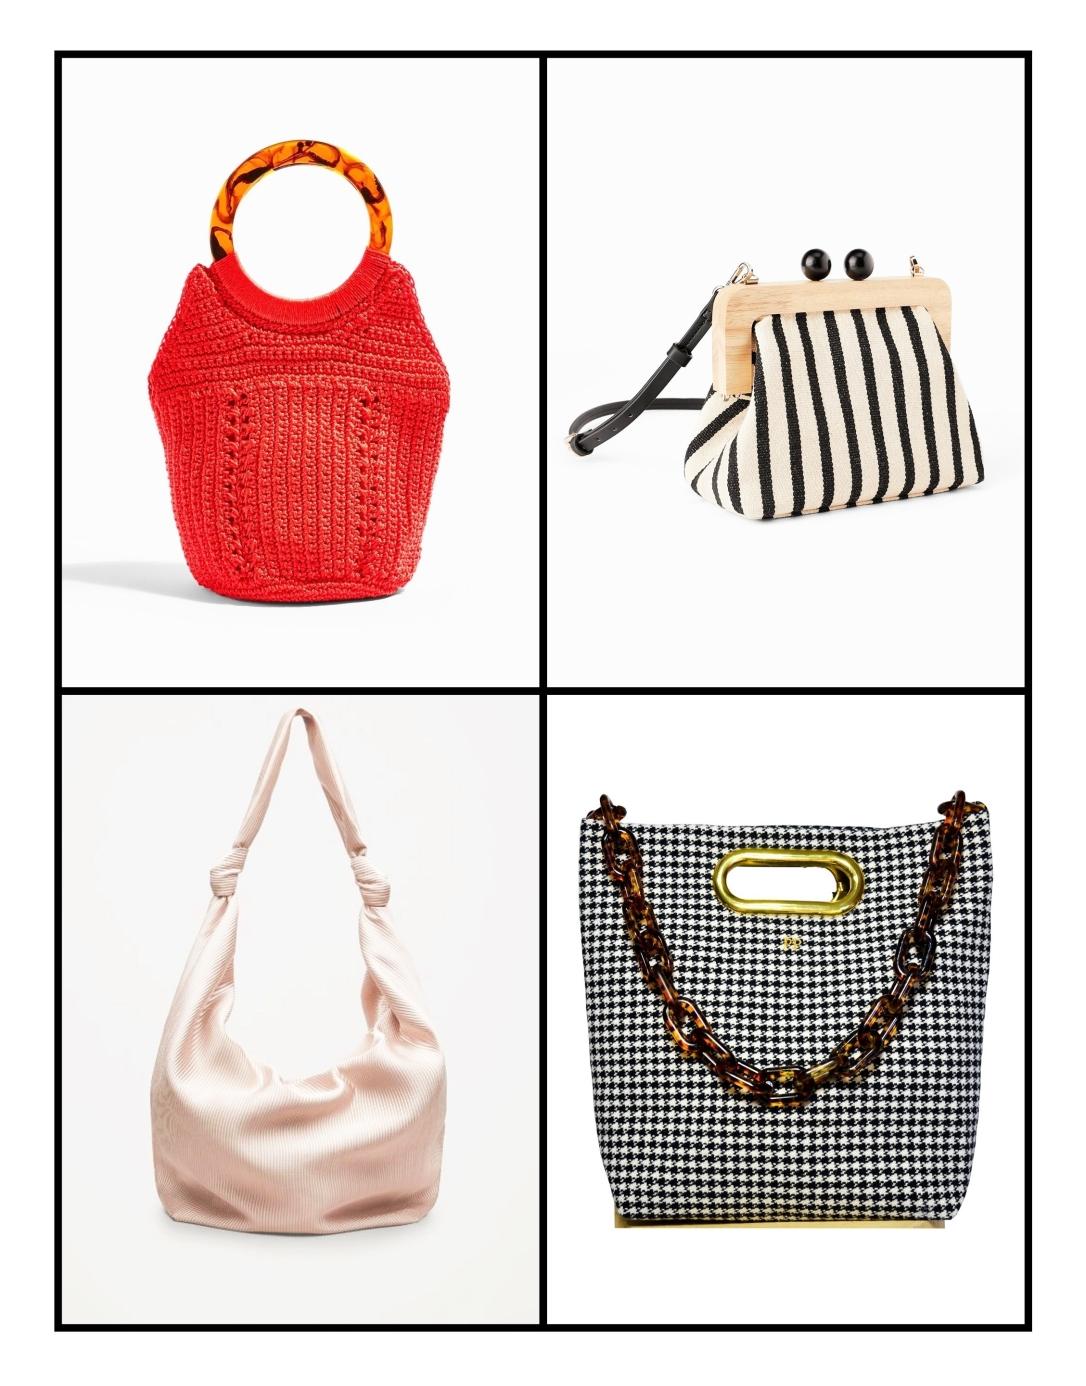 sac-textile-e1553942080563.jpg